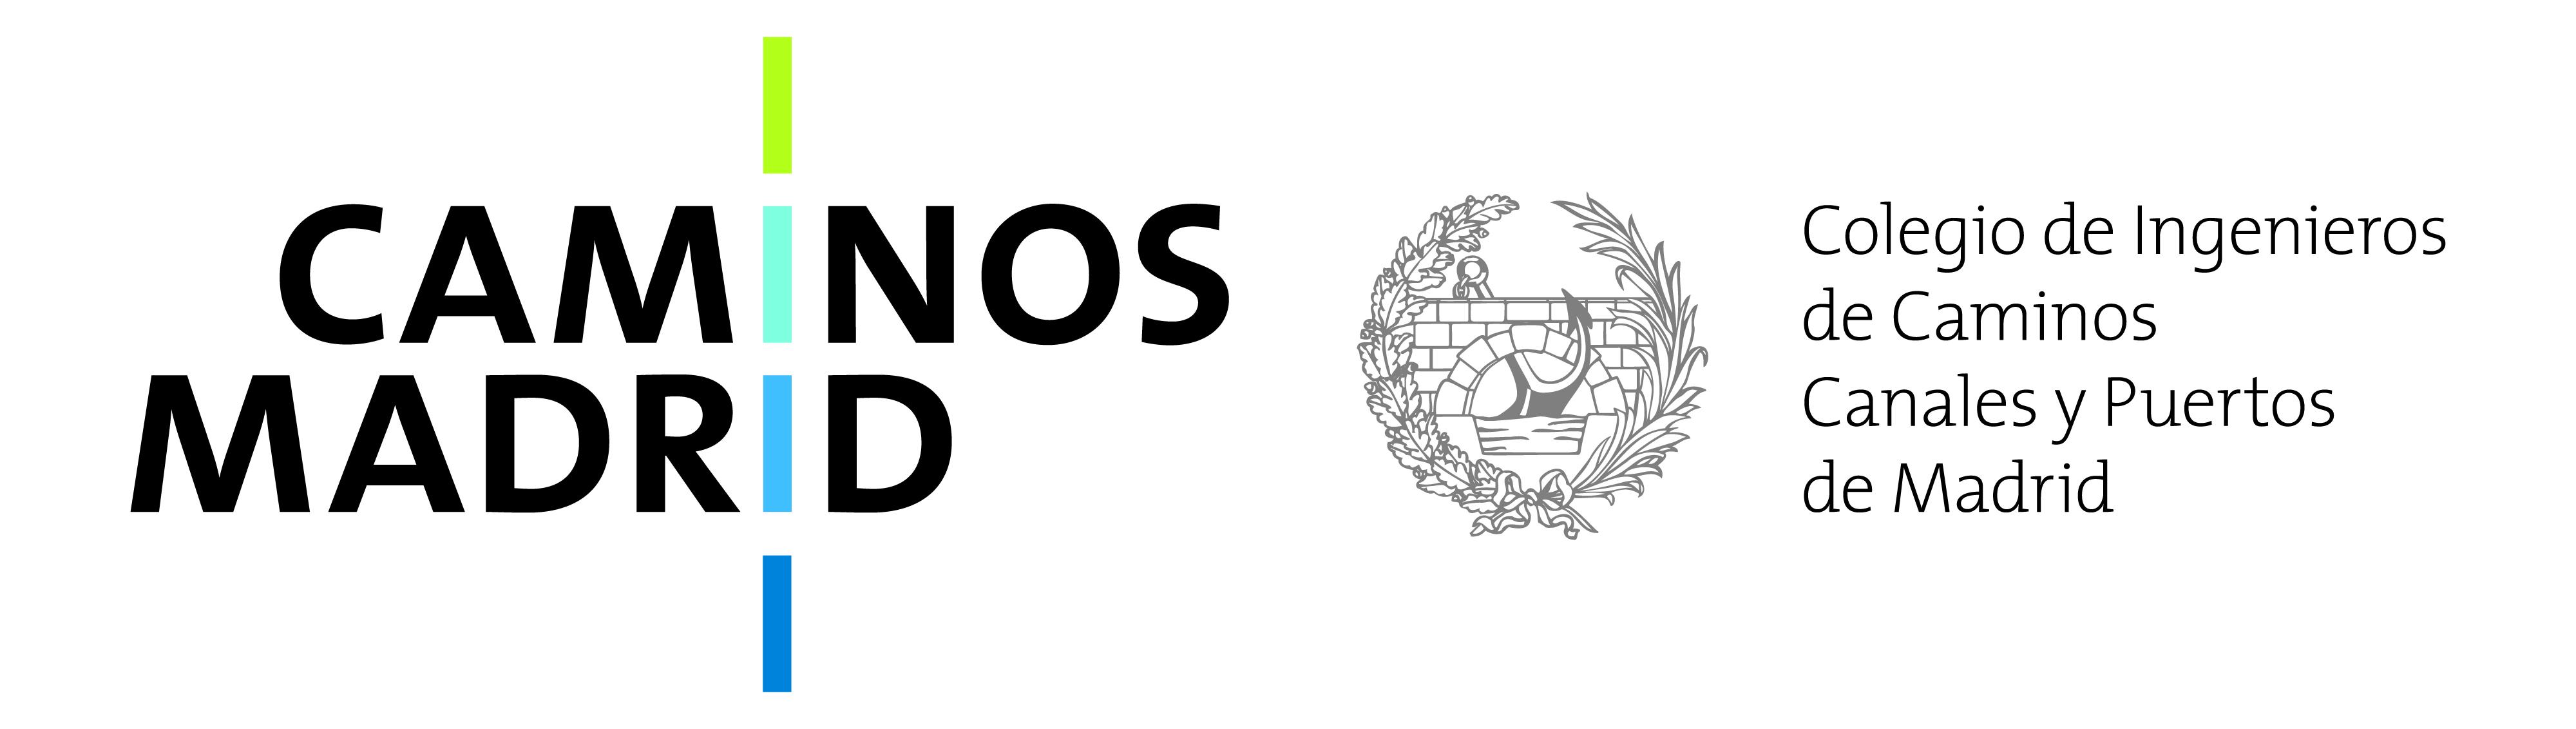 Logo CAMINOS, CANALES Y PUERTOS MADRID